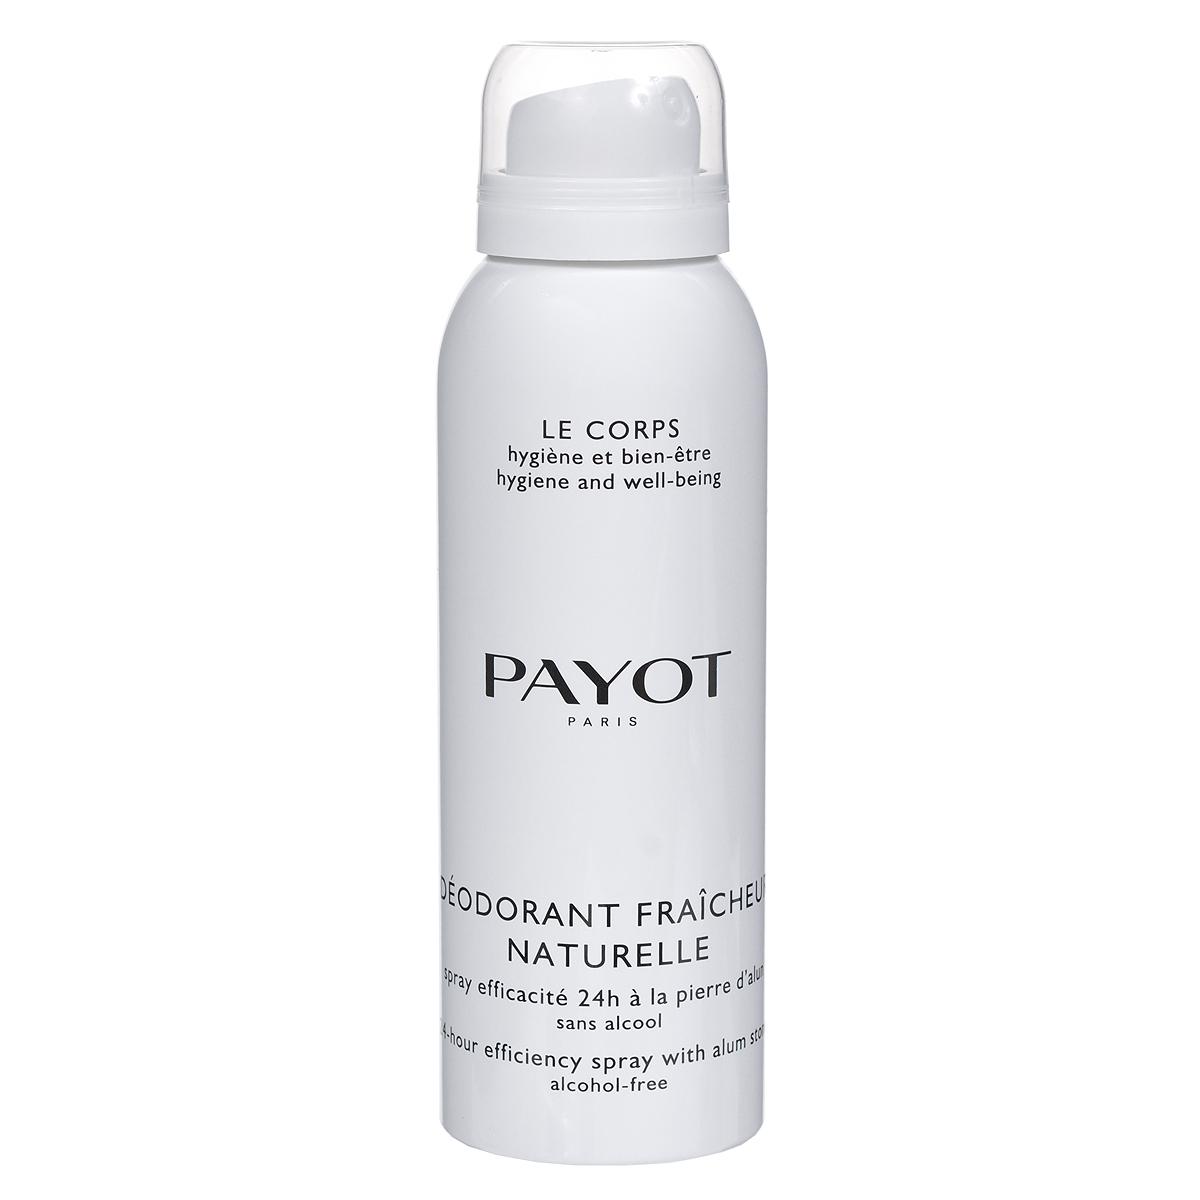 Payot Дезодорант-спрей Naturelle, женский, 125 мл65090578Дезодорант 24-часового действия на основе алюмокалиевых квасцов. Спрей-дезодорант Payot Naturelle с легким ароматом, без спирта, обеспечивает ощущение свежести в течение всего дня. Без резкого запаха, спрей позволяет достичь оптимального эффекта благодаря точному дозированию. Активные компоненты: Алюмокалиевые квасцы: вяжущее и очищающее действие, ограничивают распространение бактерий, являющихся причиной неприятных запахов. Масло сладкого миндаля: успокаивает кожу и устраняет высушивающее воздействие жесткой воды. Характеристики: Объем: 125 мл. Товар сертифицирован.